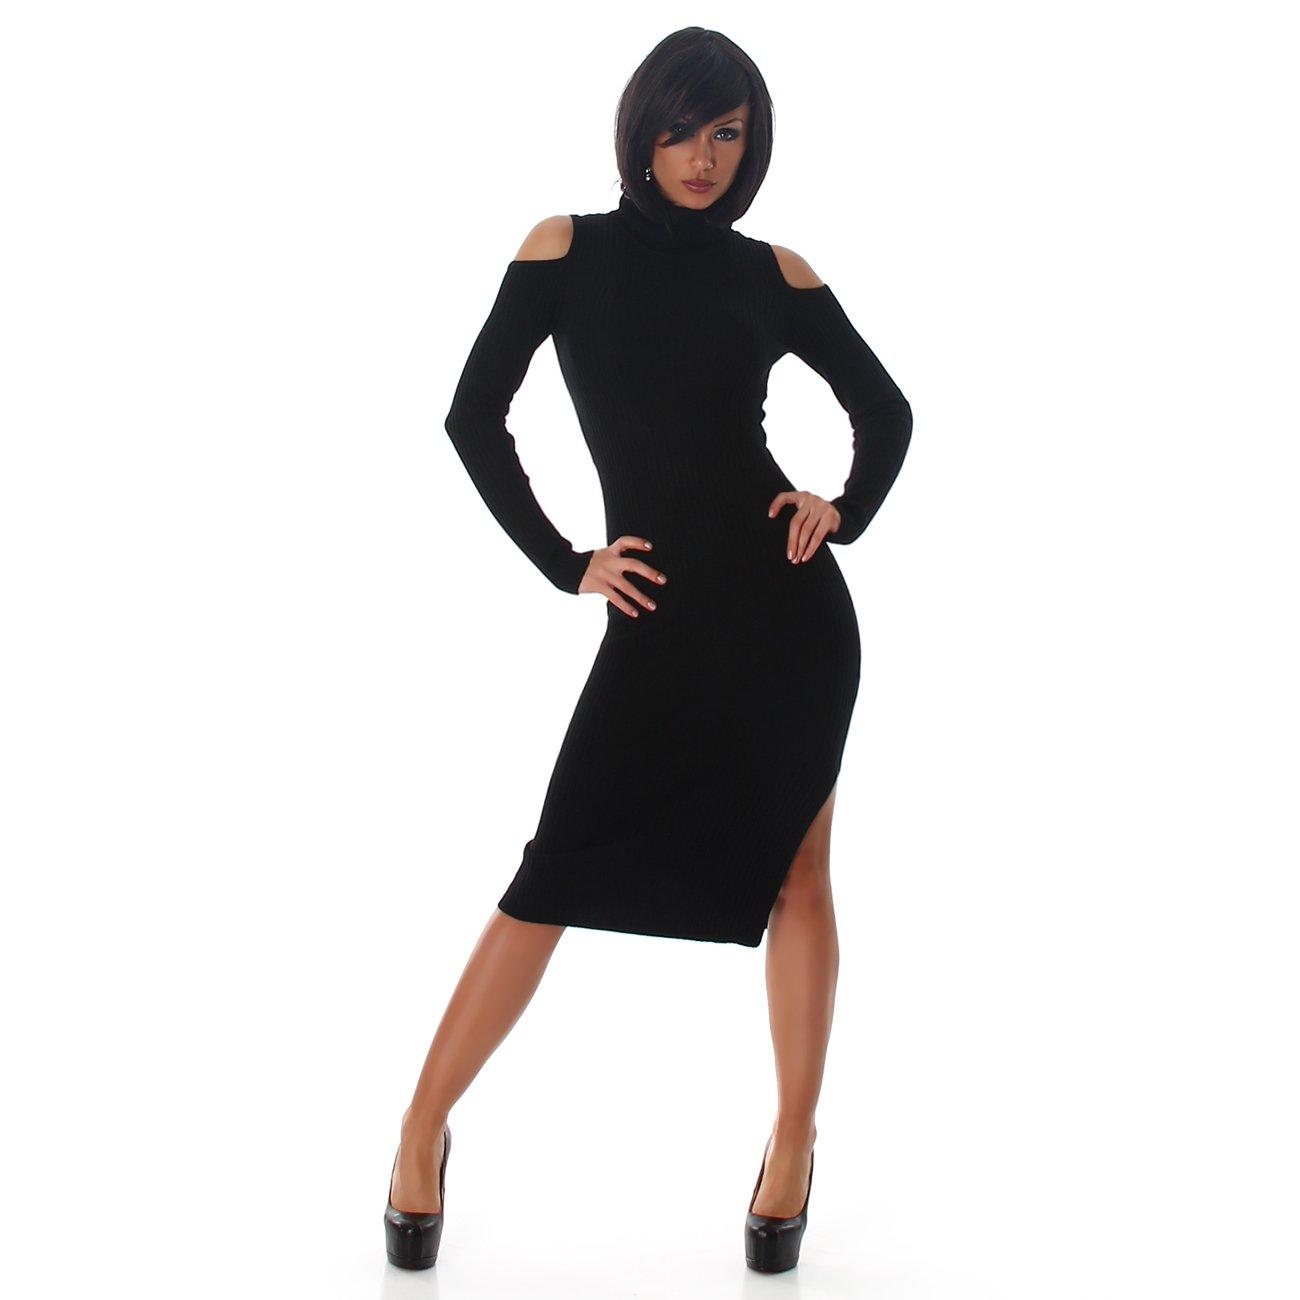 Vestido jersey de mujer Jela London Vestido de punto hasta la rodilla Manga corta con cuello de cisne de punto elástico: Amazon.es: Ropa y accesorios